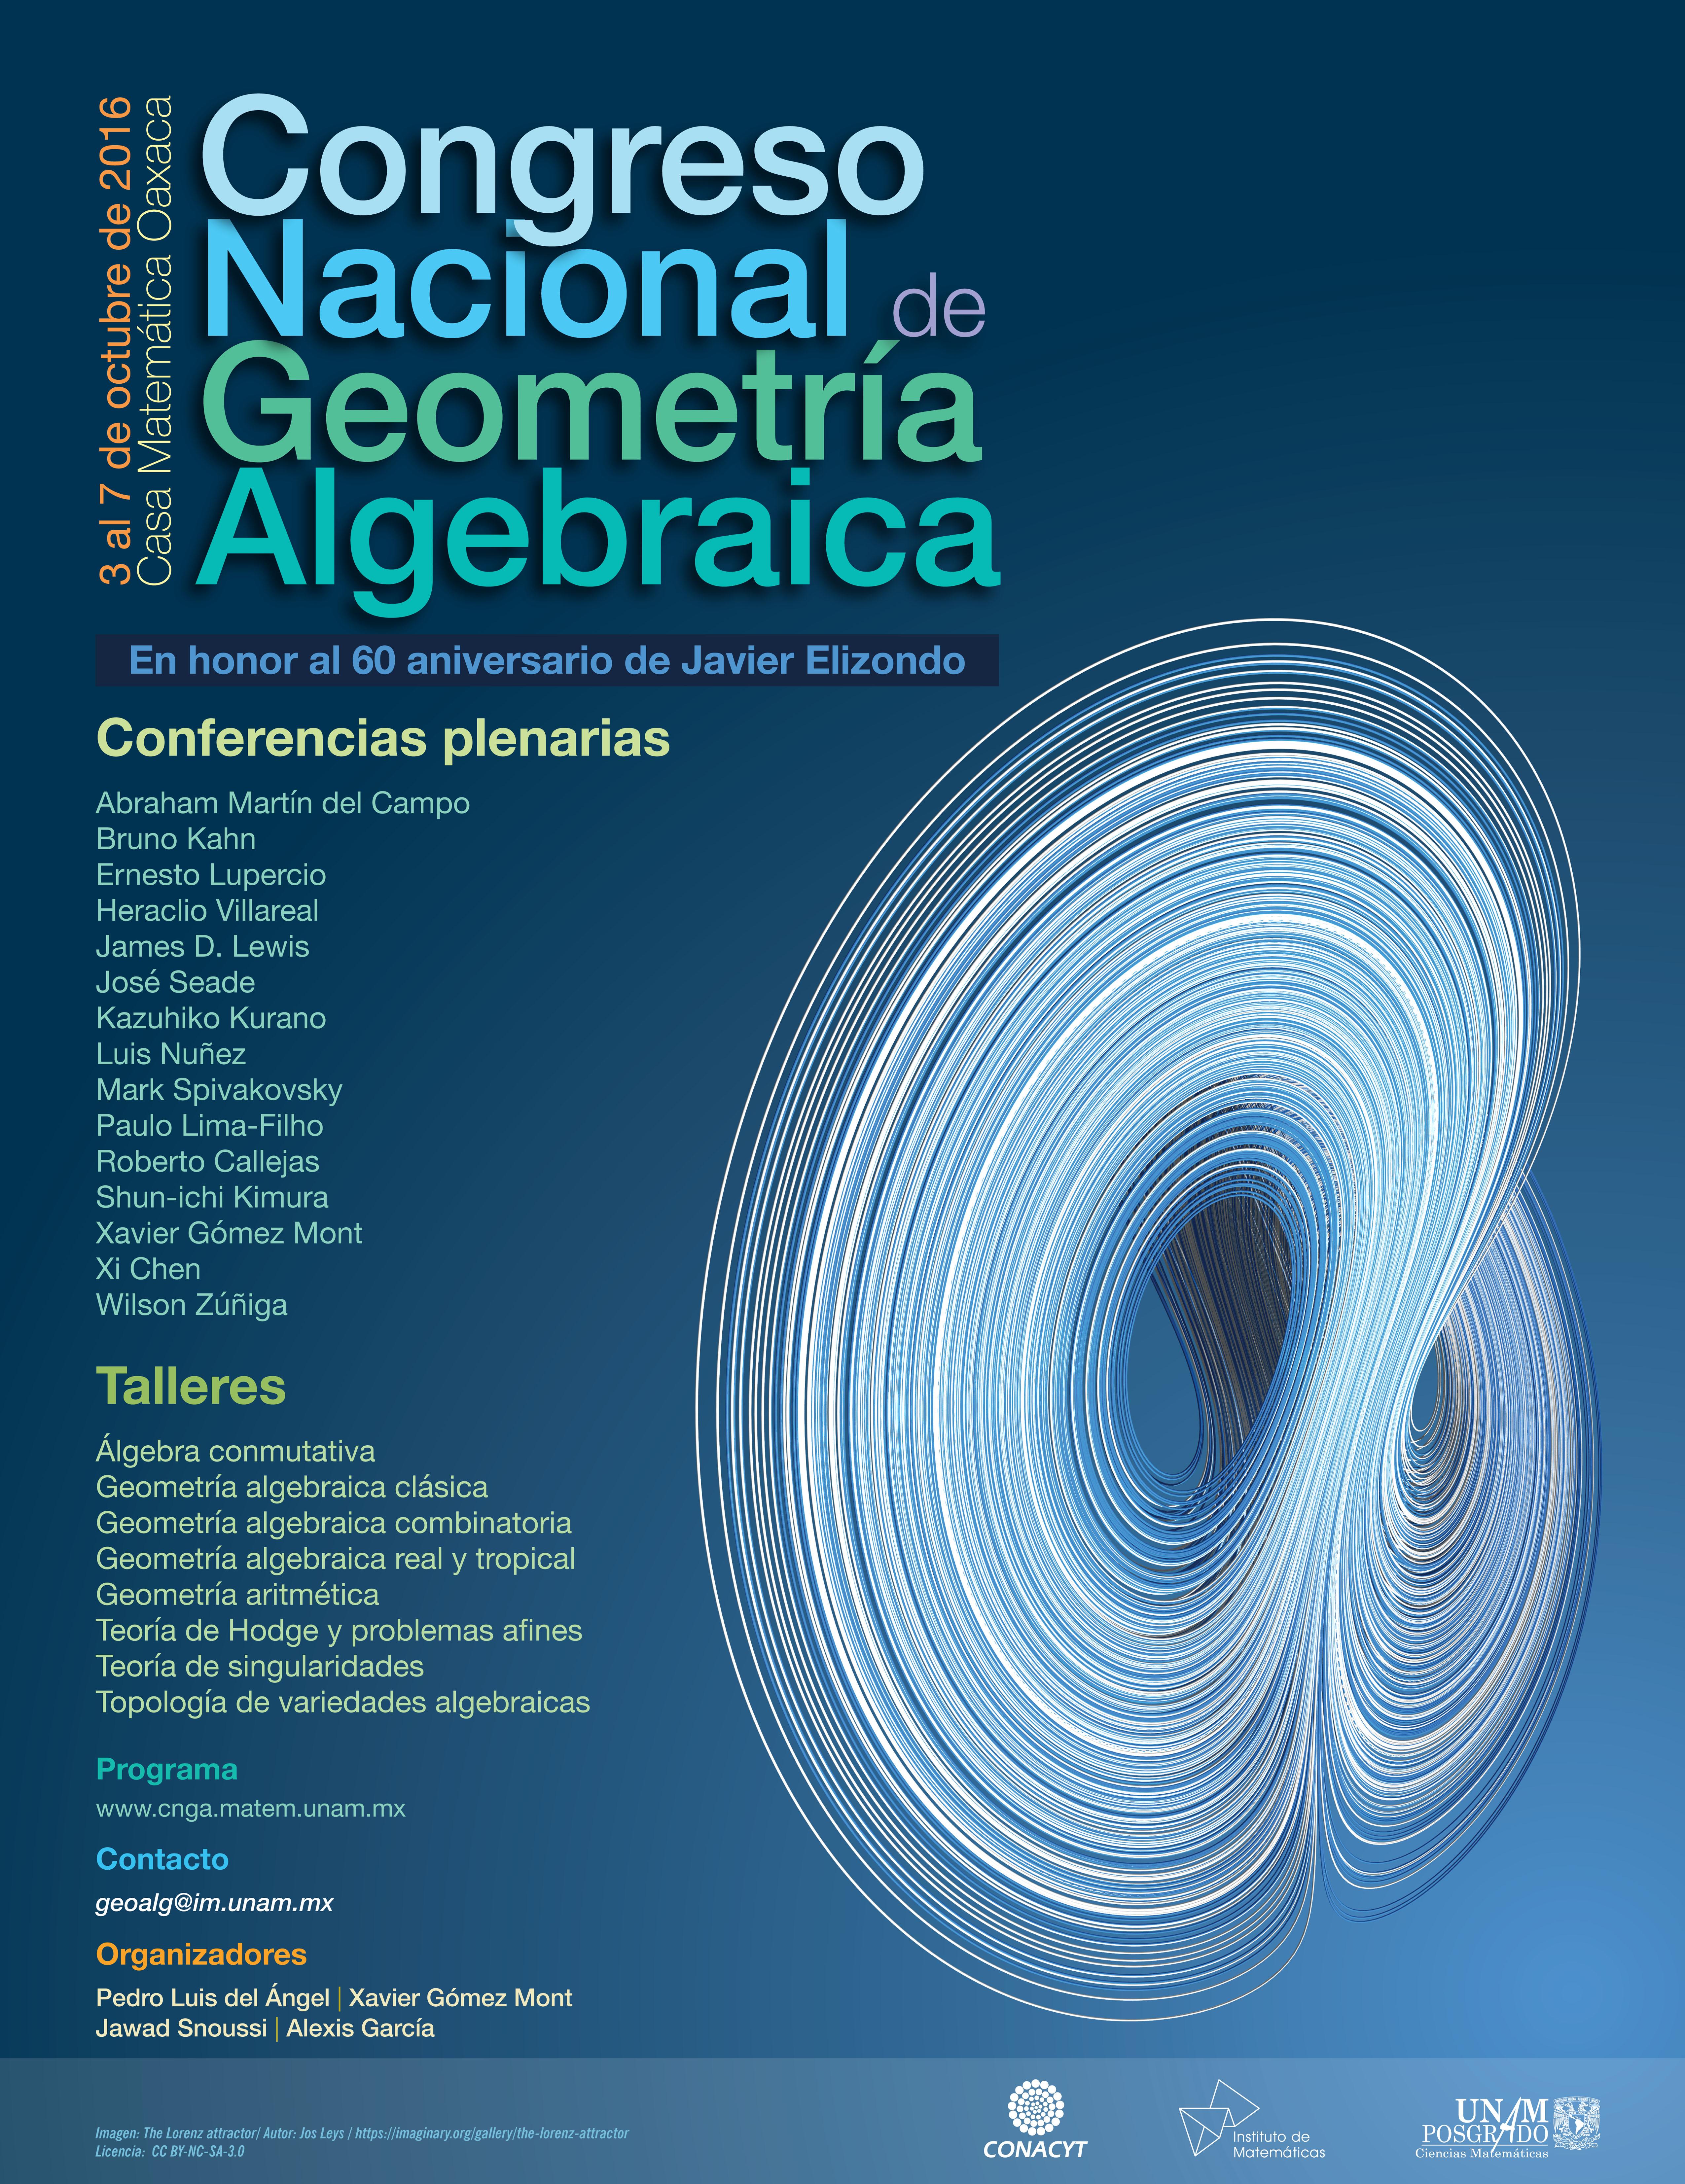 Congreso Nacional de Geometría Algebraica